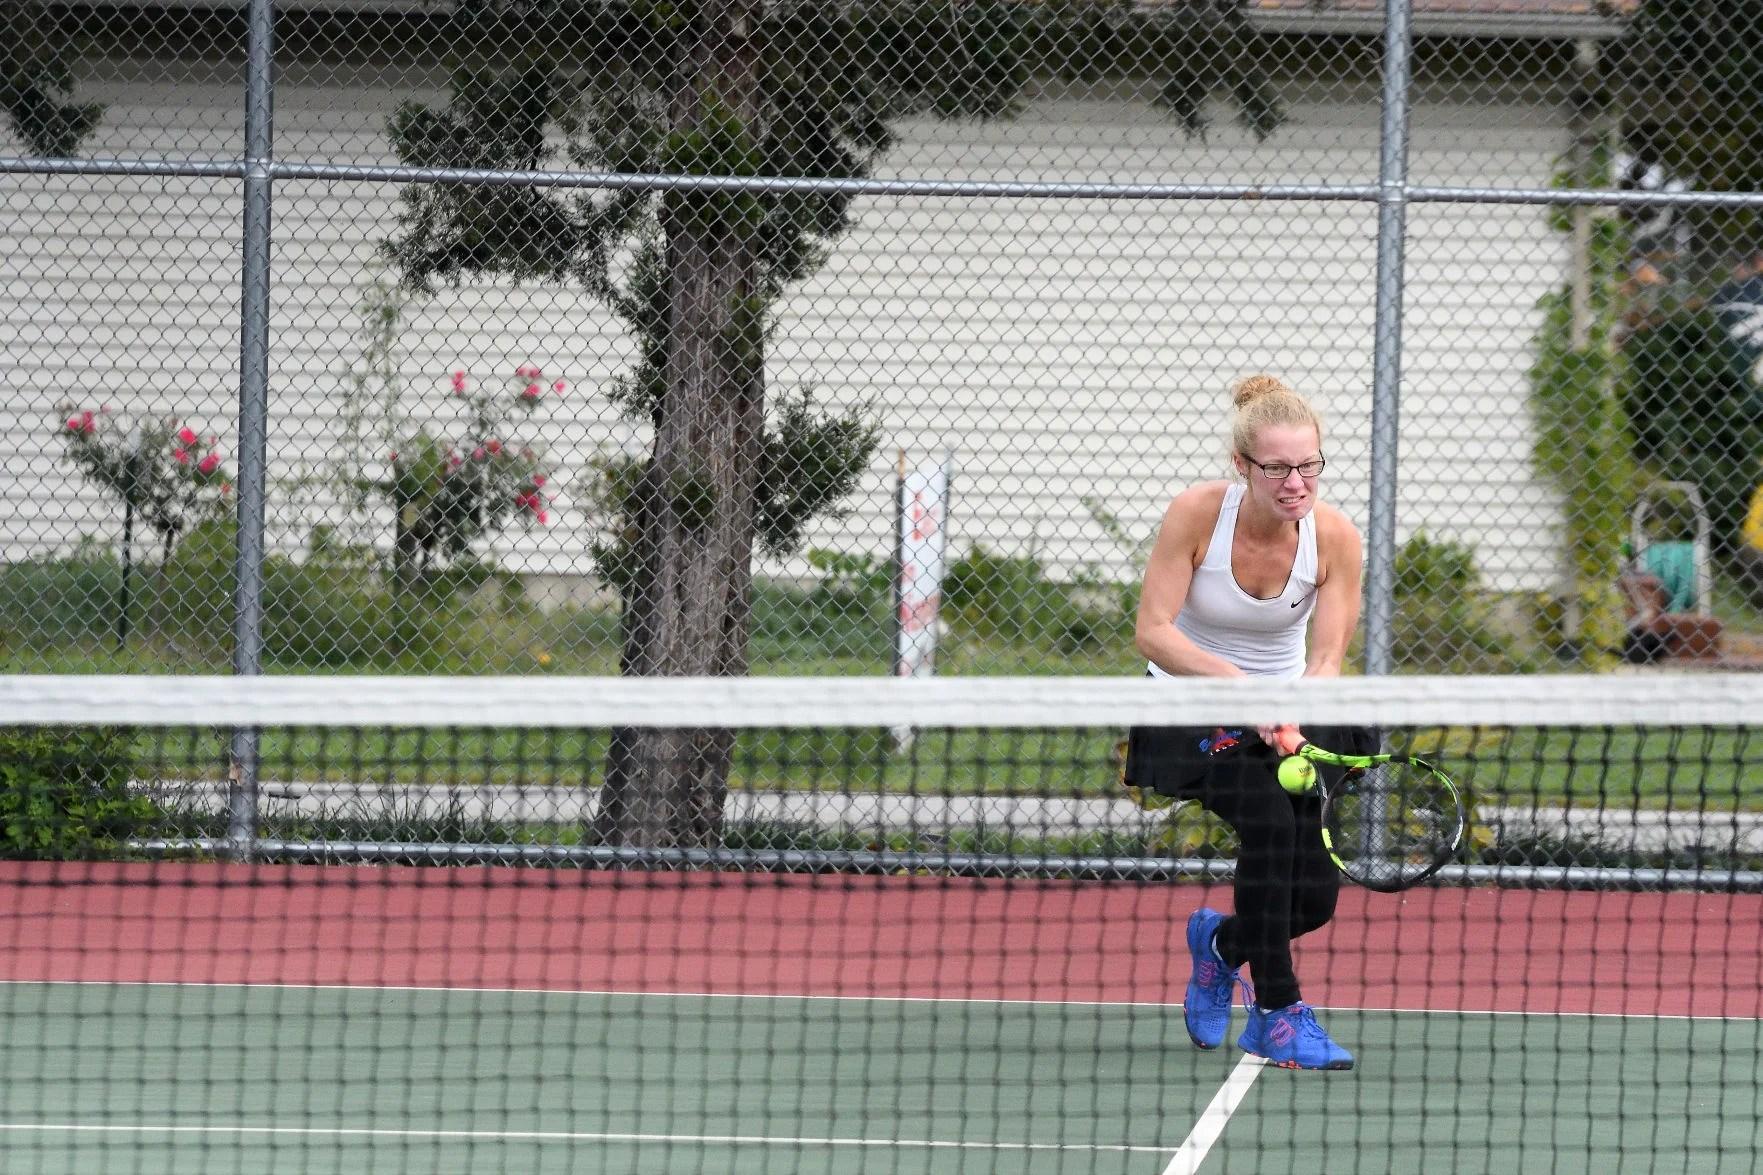 sofa sport tennis fabrics types teutopolis takes sectional sports